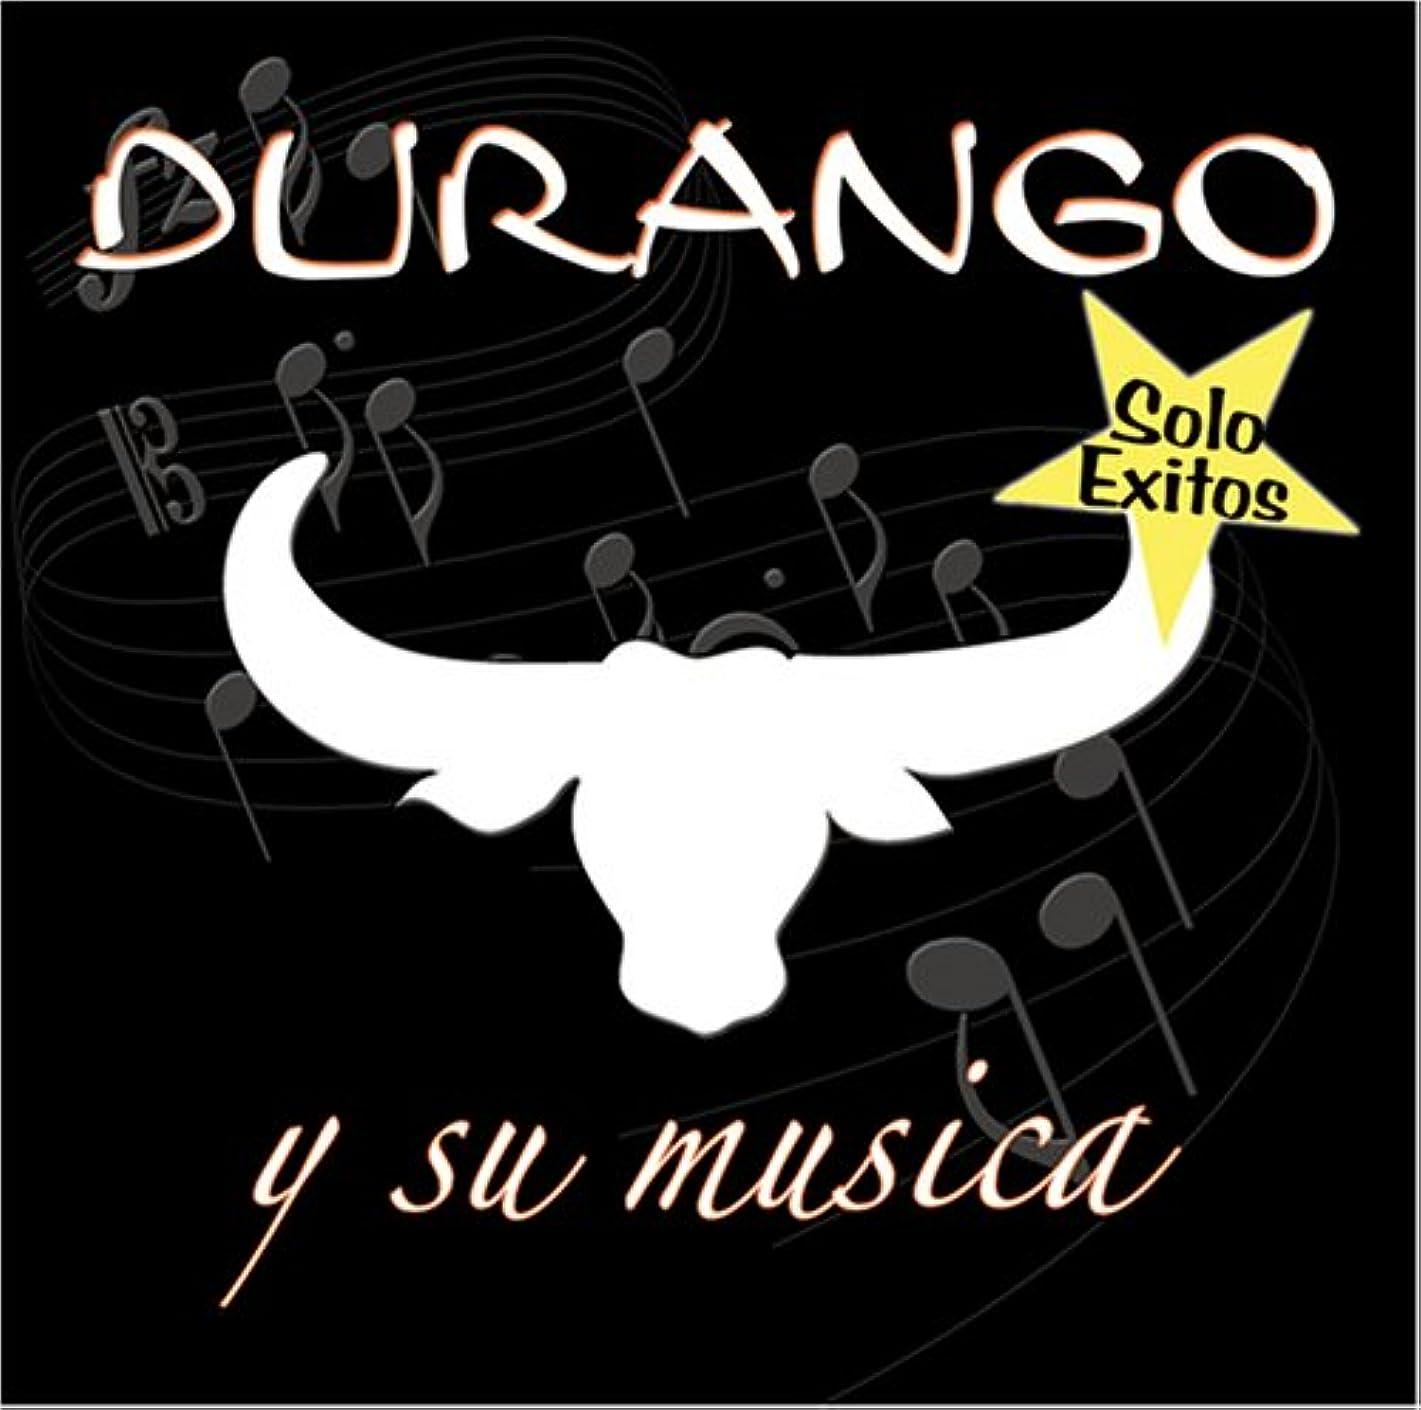 Durango Y Su Musica